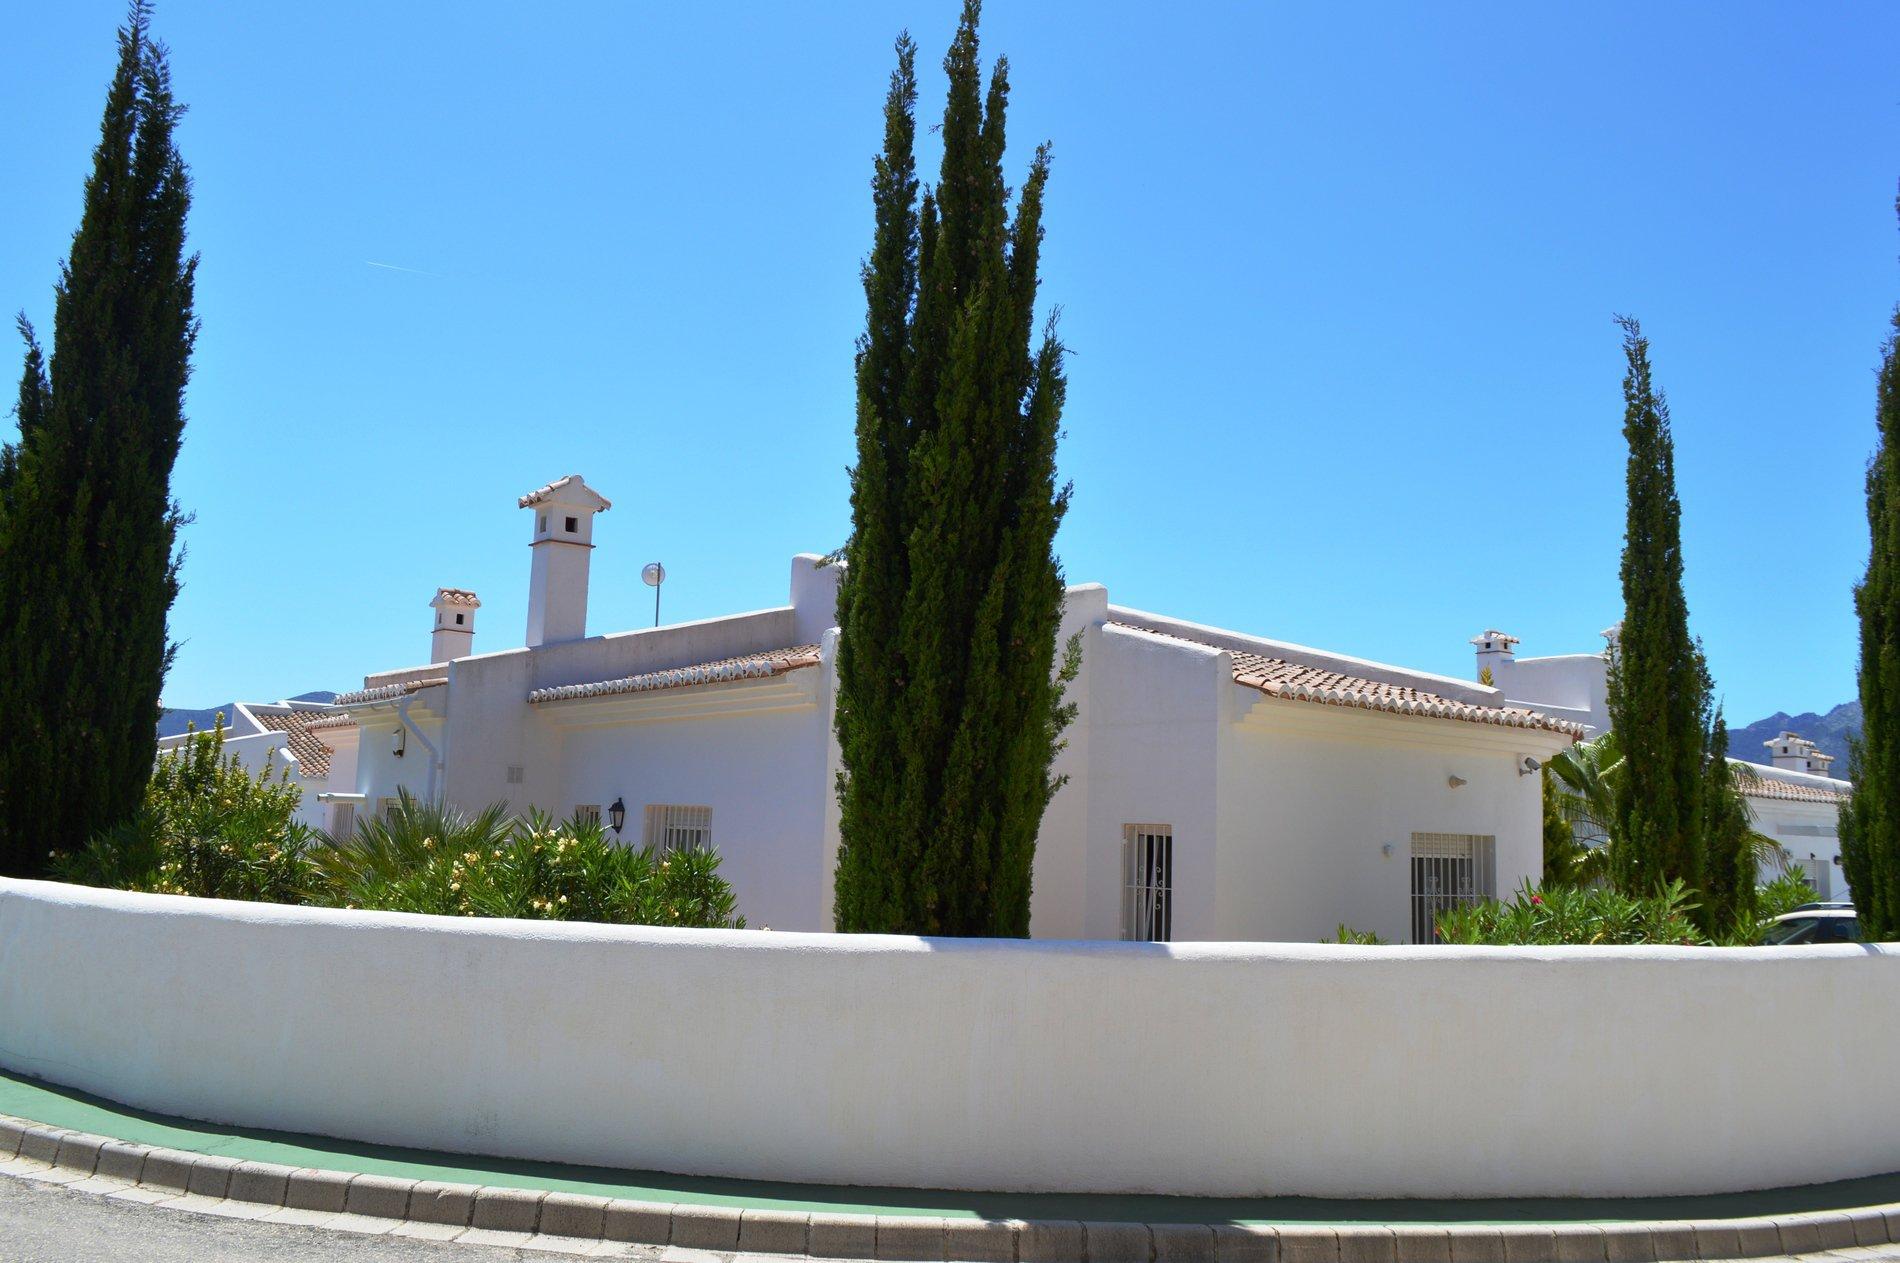 Vrijstaande villa gelegen op een zuidelijk hoekperceel